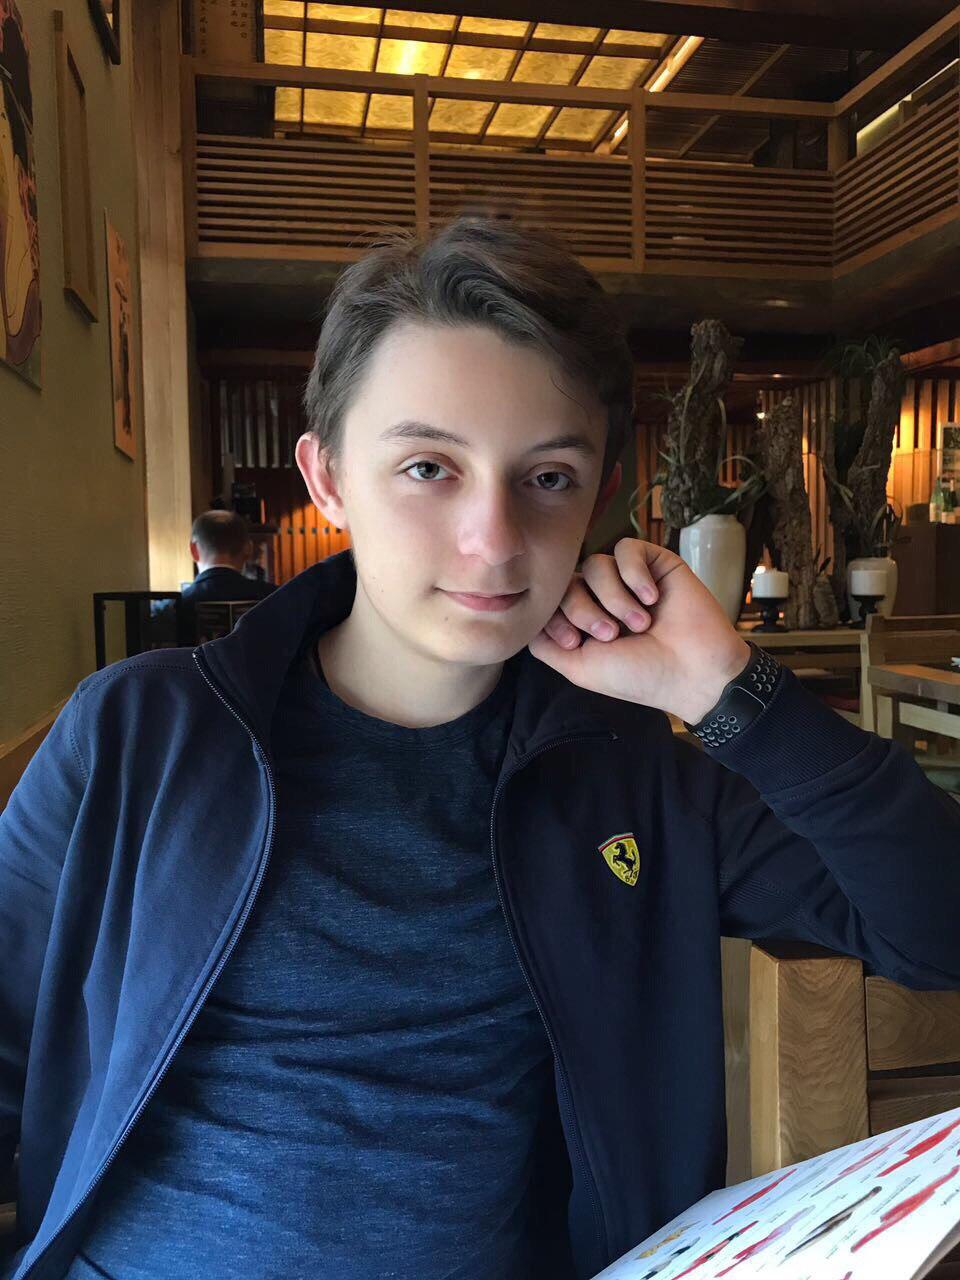 55 эффектных фото Ольги Орловой (Блестящие) в молодости и сейчас, фото сына